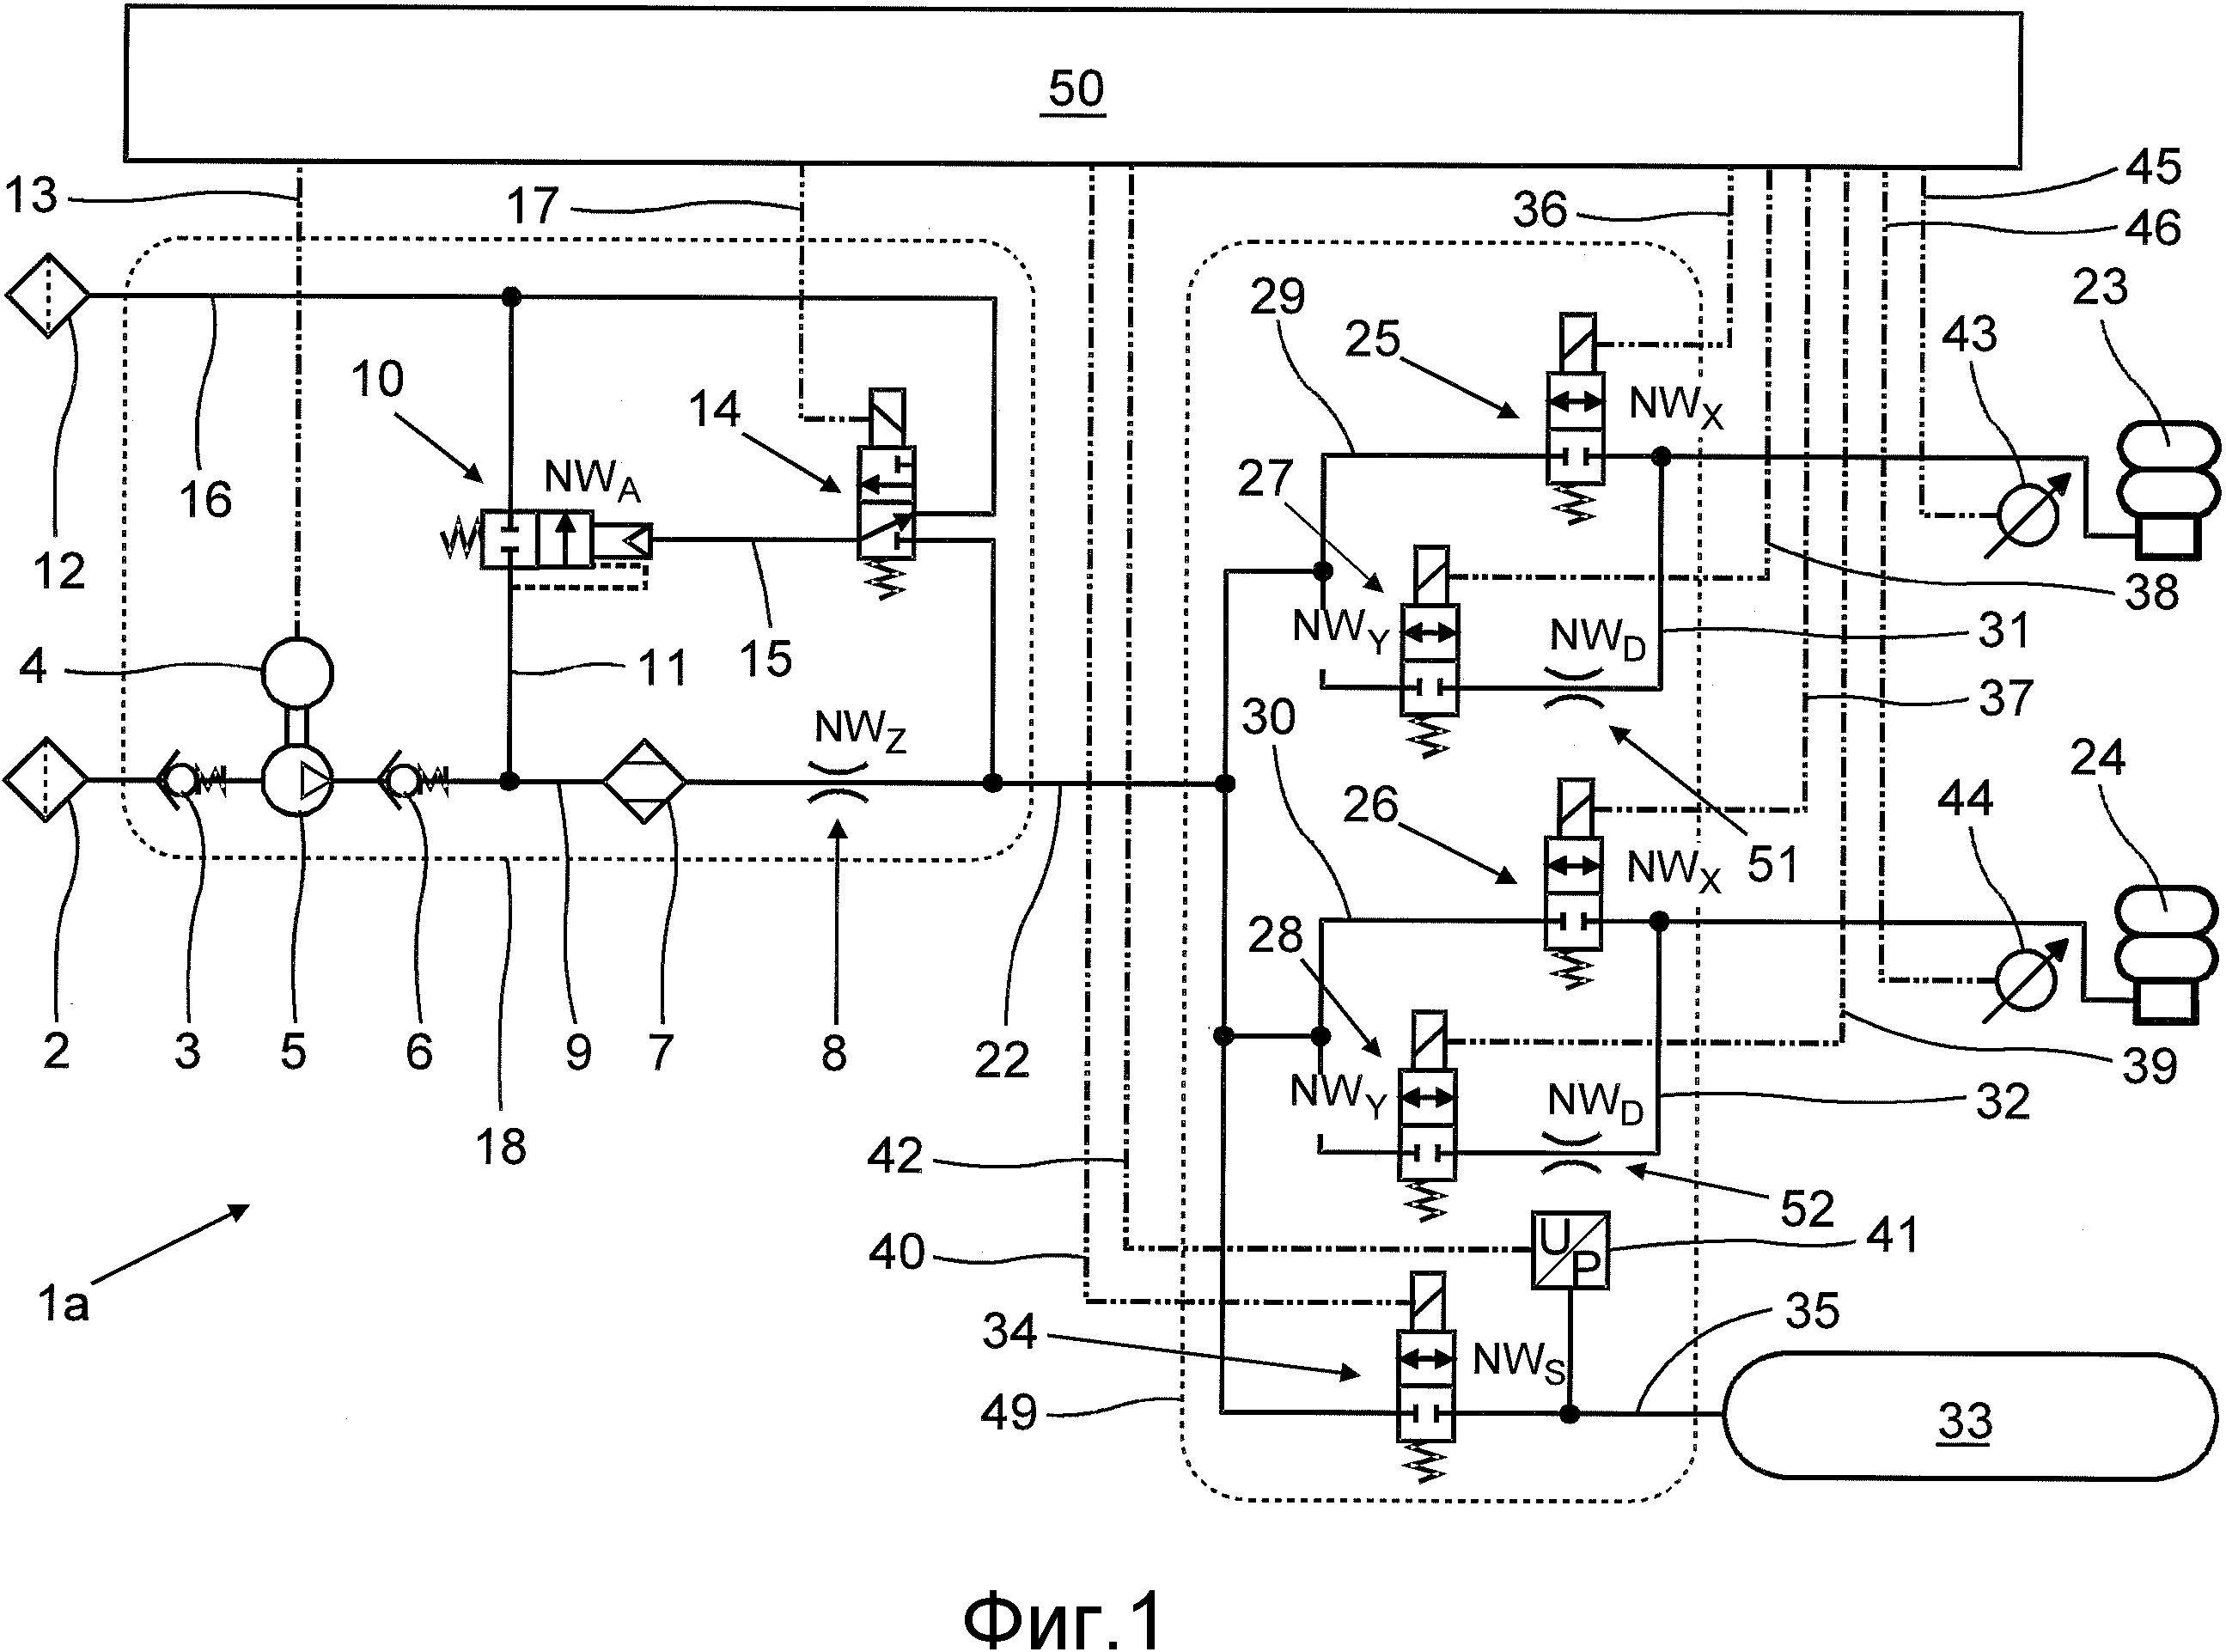 Система пневматической подвески безрельсового транспортного средства и способ управления ею